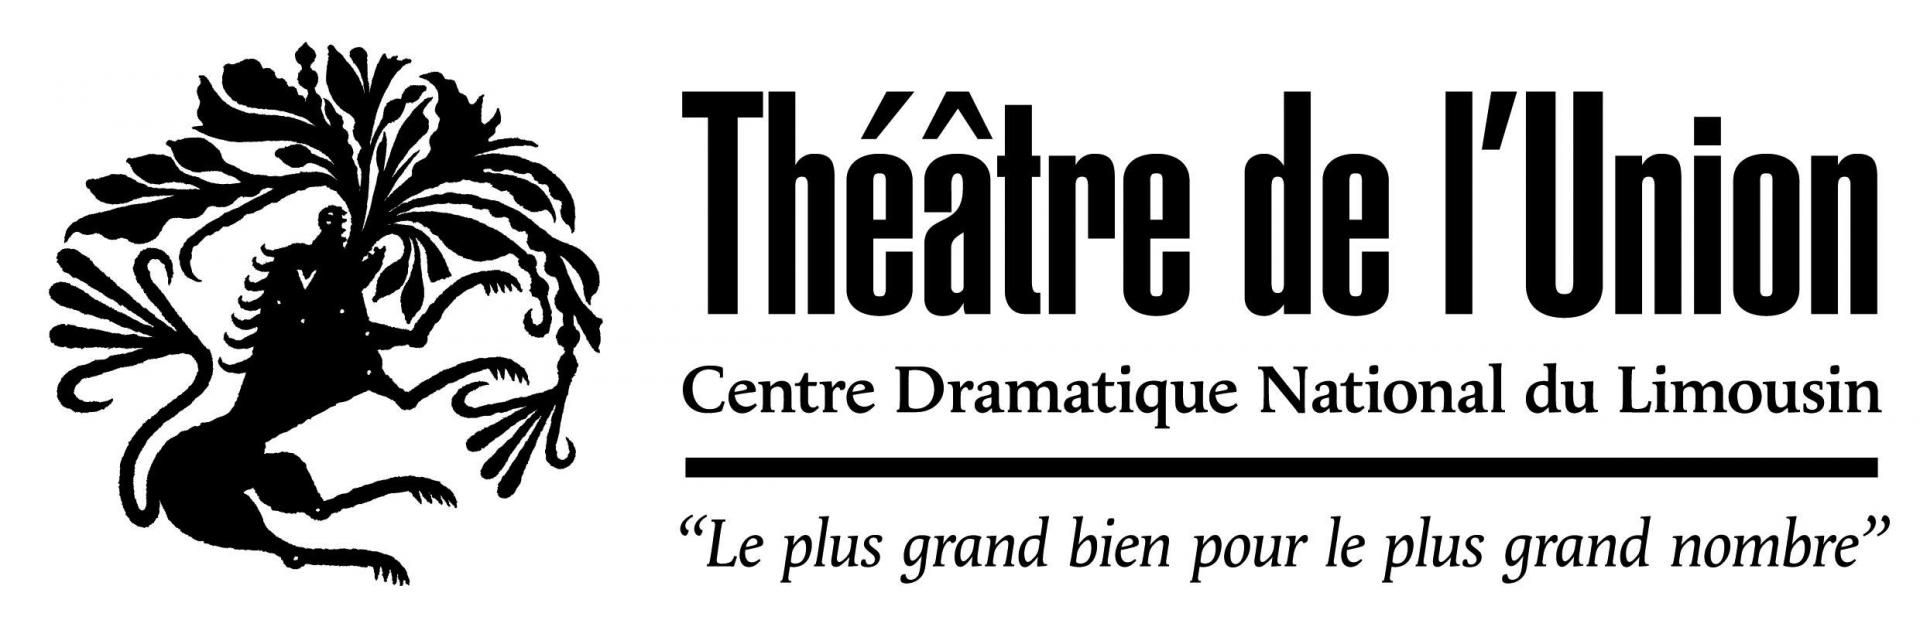 Theatredelunion logo